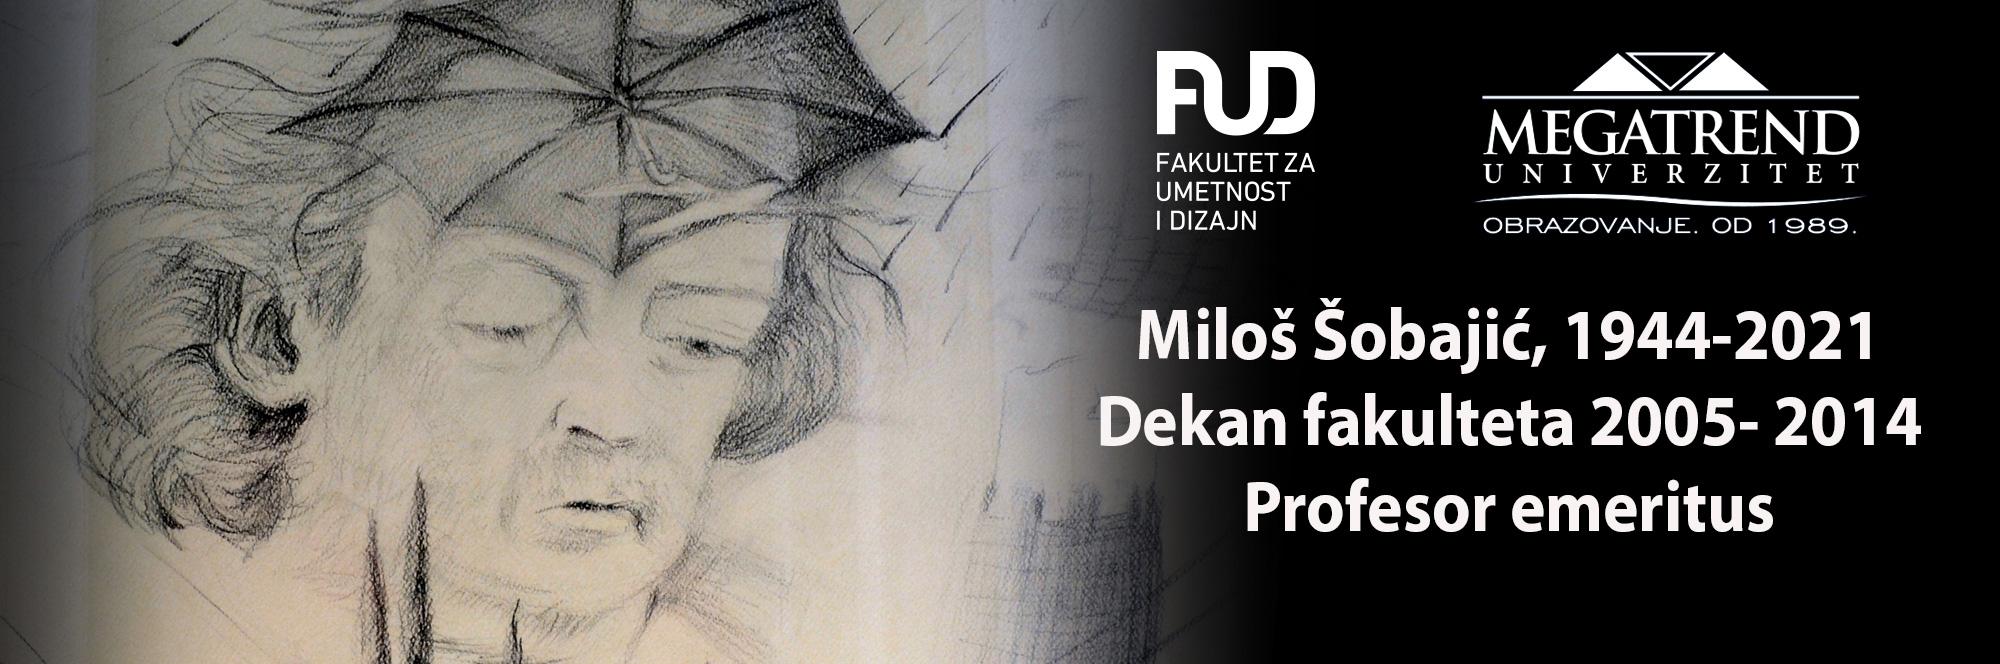 FUD_MilosSobajic